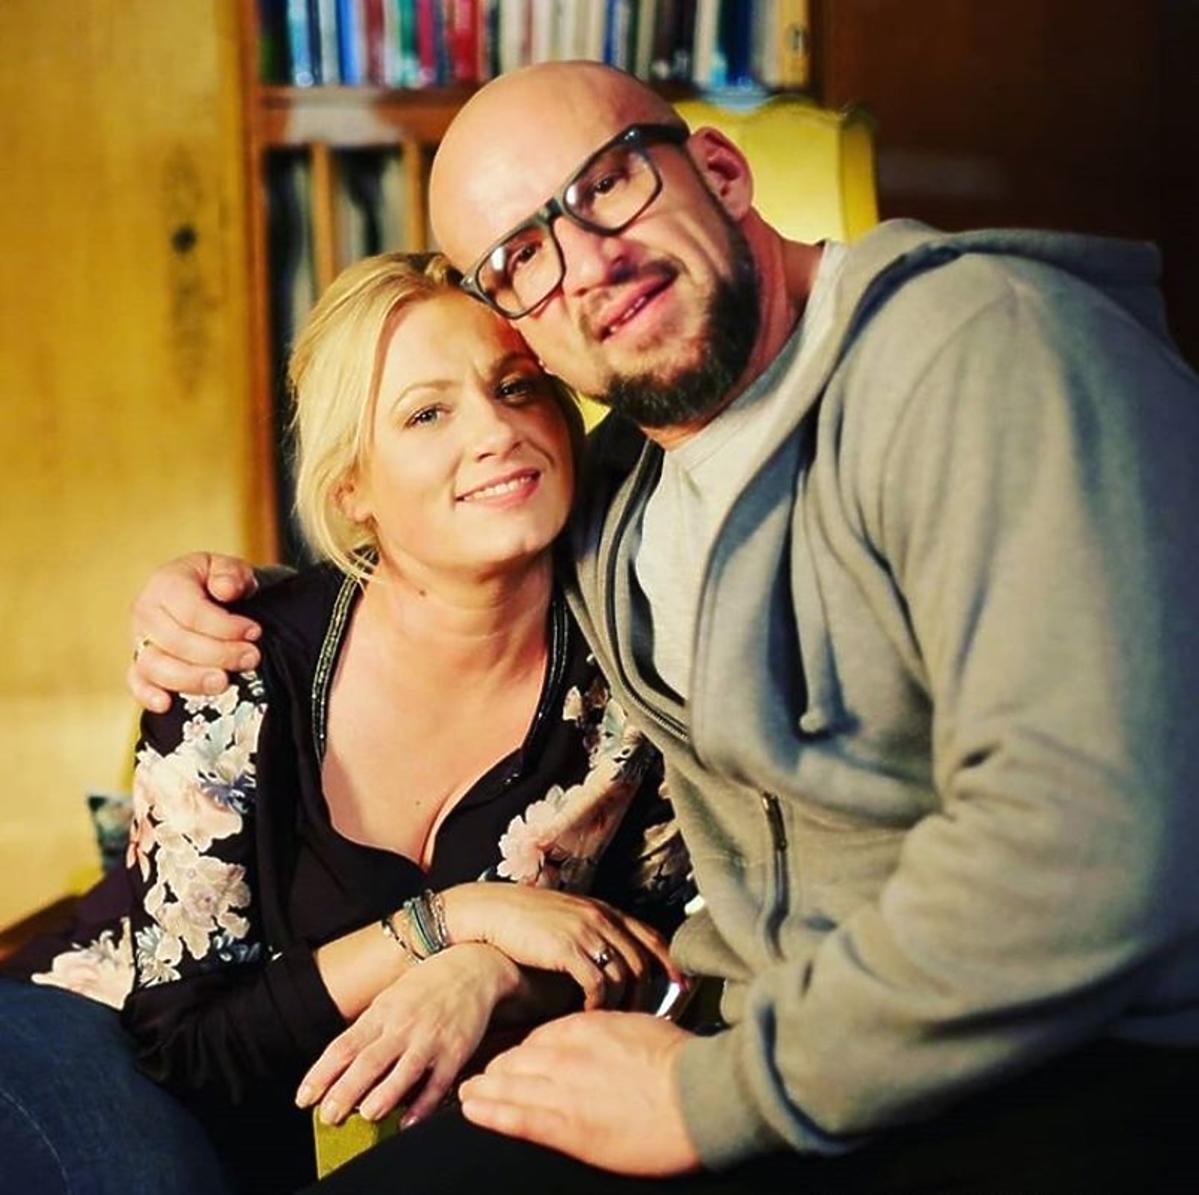 M jak miłość: Andrzejek zostawi Marzenkę i wyprowadzi się z Siedliska?